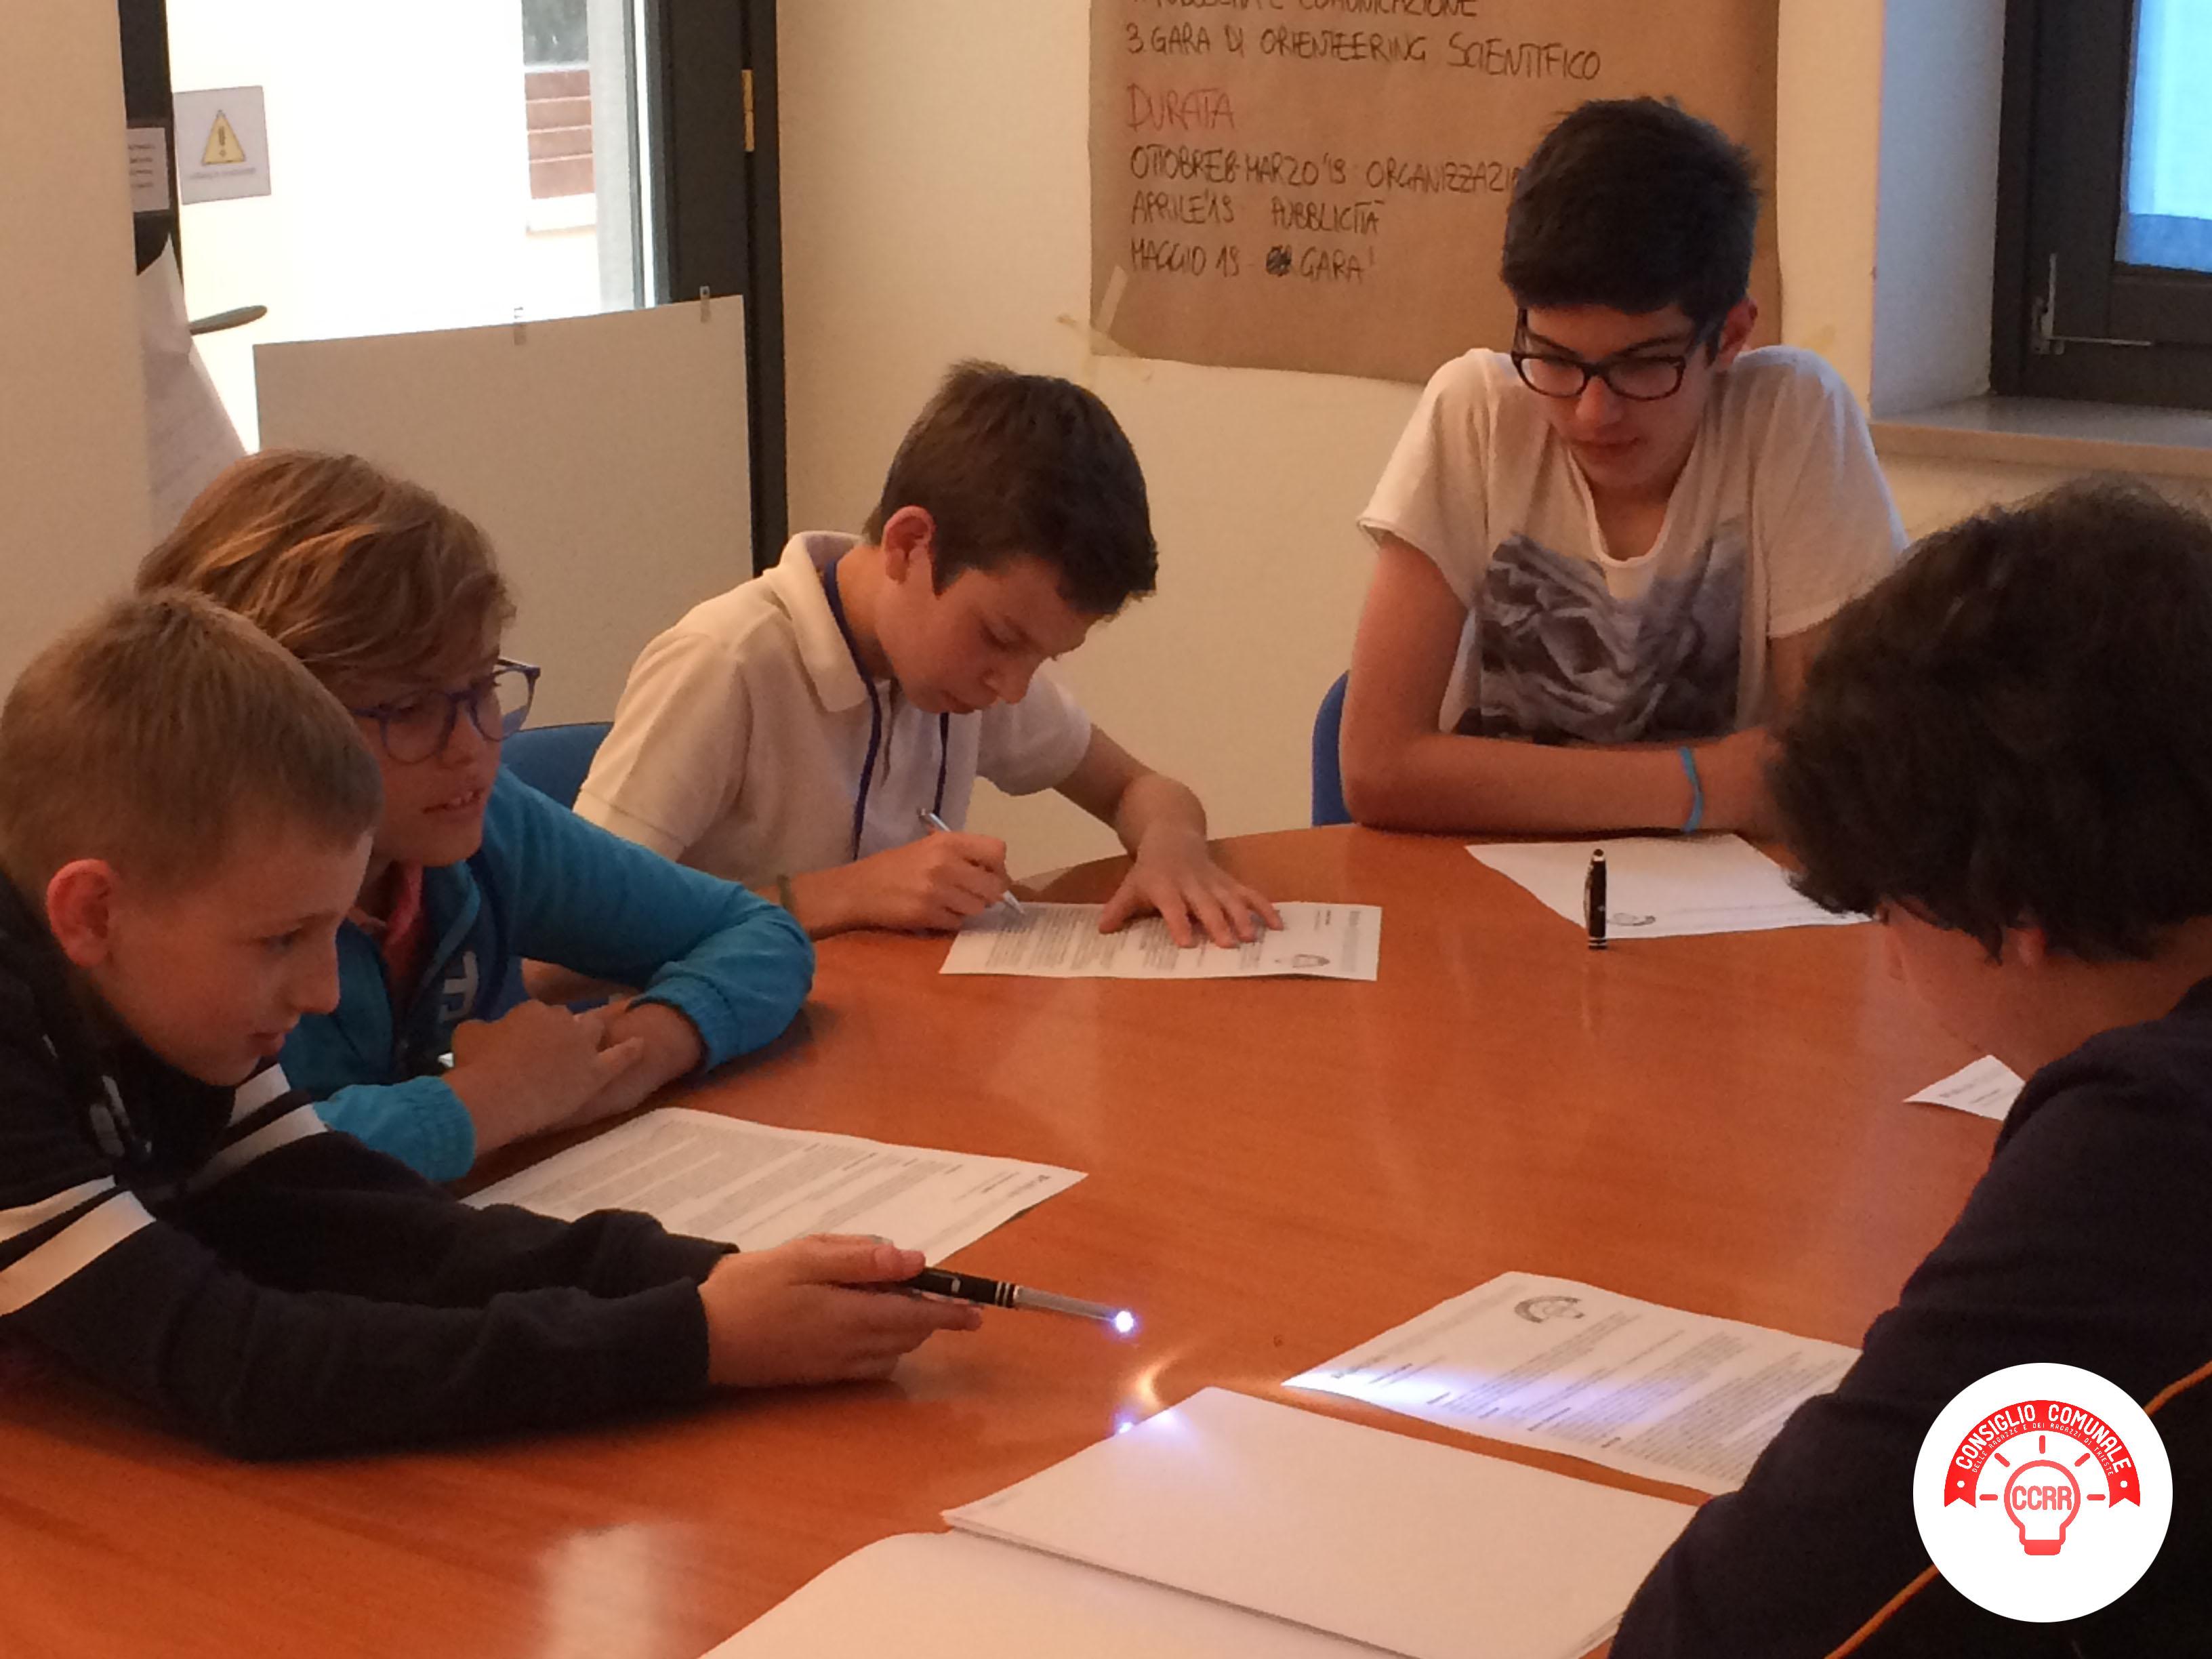 CCRR_settimo incontro_preparazione in gruppi per l'evento finale in Consiglio Comunale 3